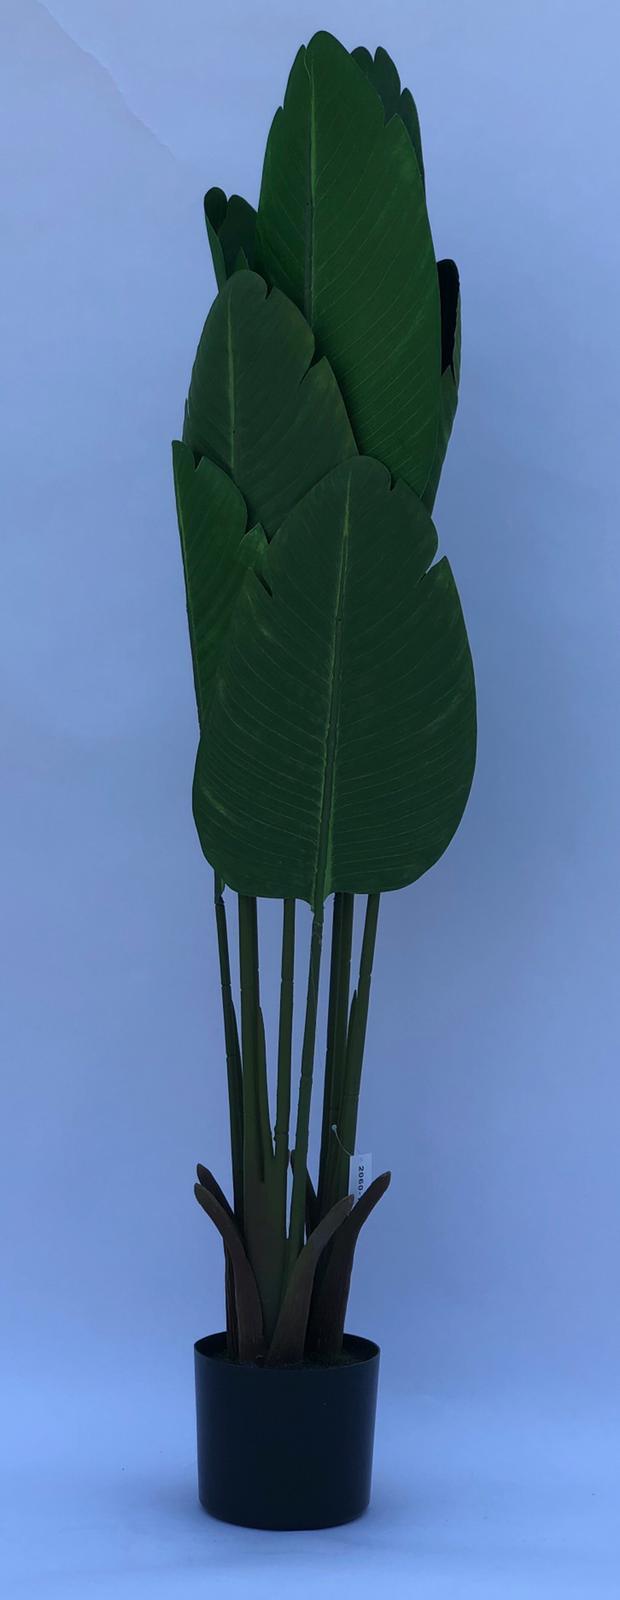 ציפור גן עדן מלאכותי 120 ס